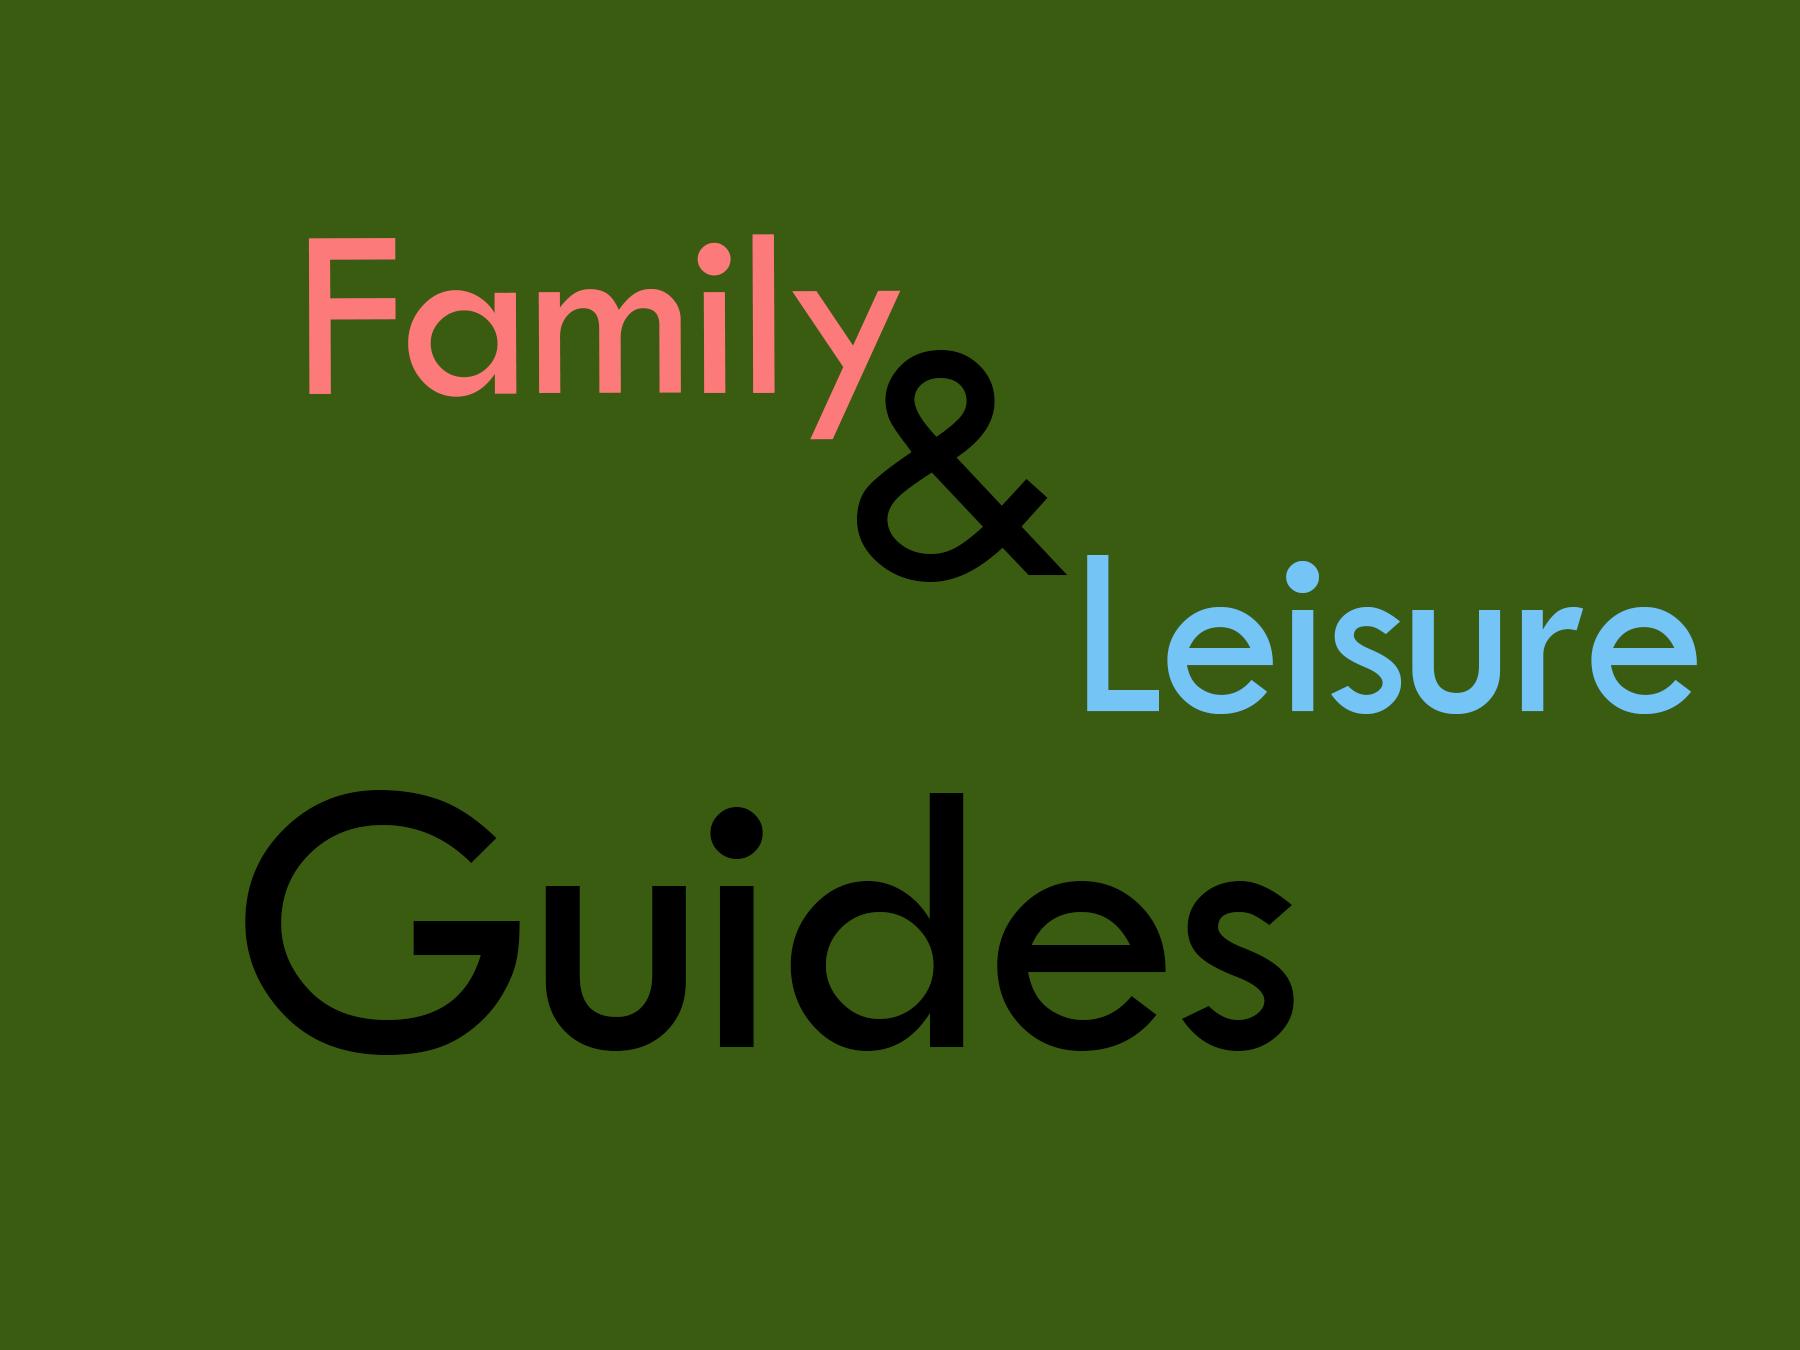 CUMSA Guides